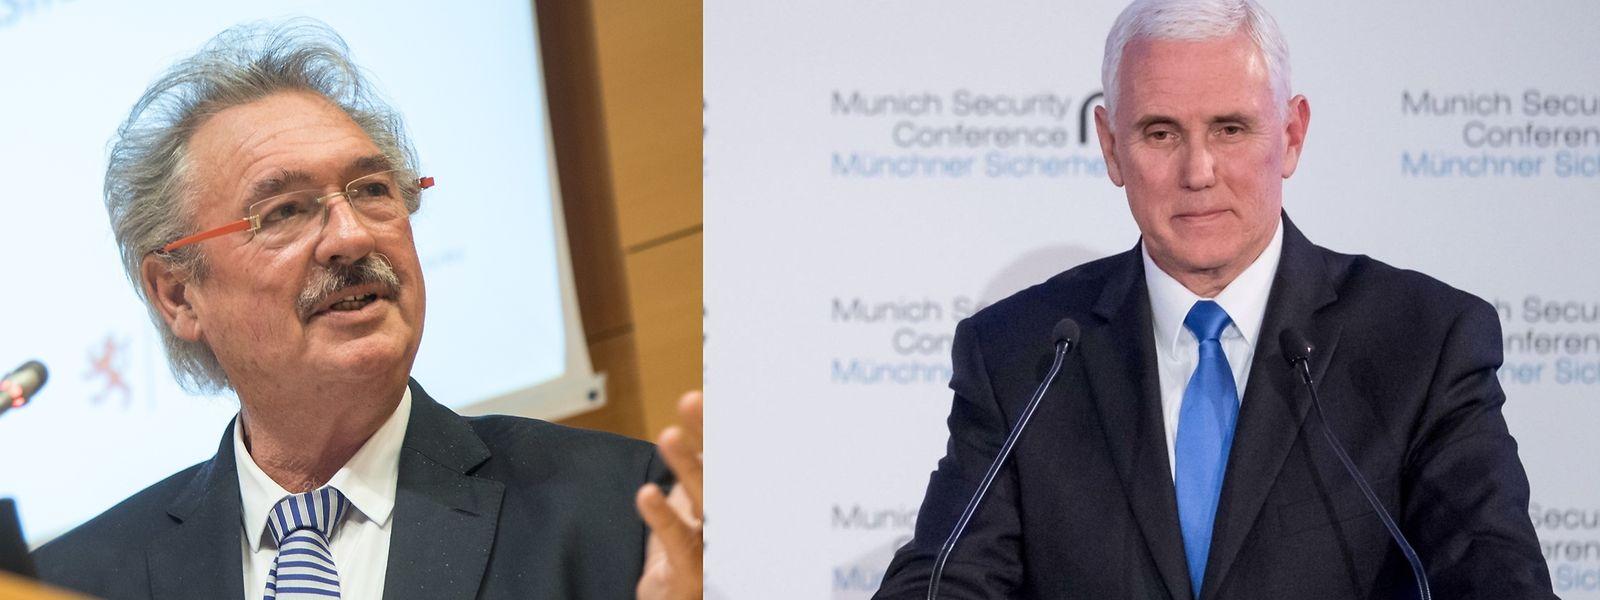 Jean Asselborn a eu du mal à écouter Mike Pence faire l'éloge de son président